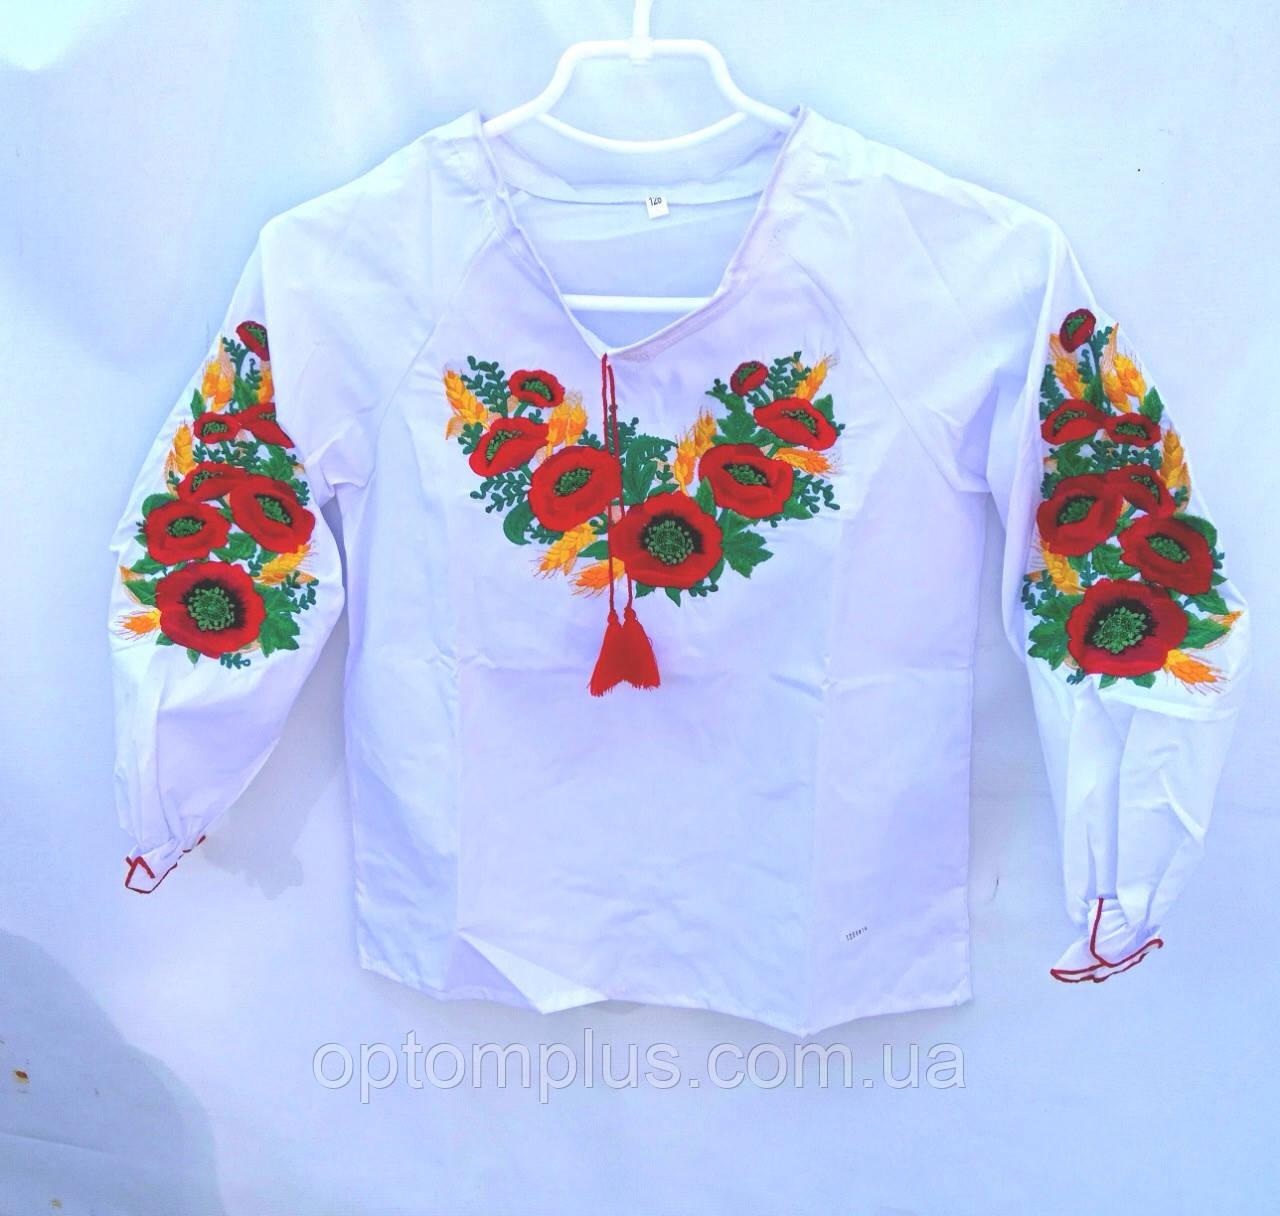 Вышиванки для девочек (122-146 см) оптом купить от склада 7 км